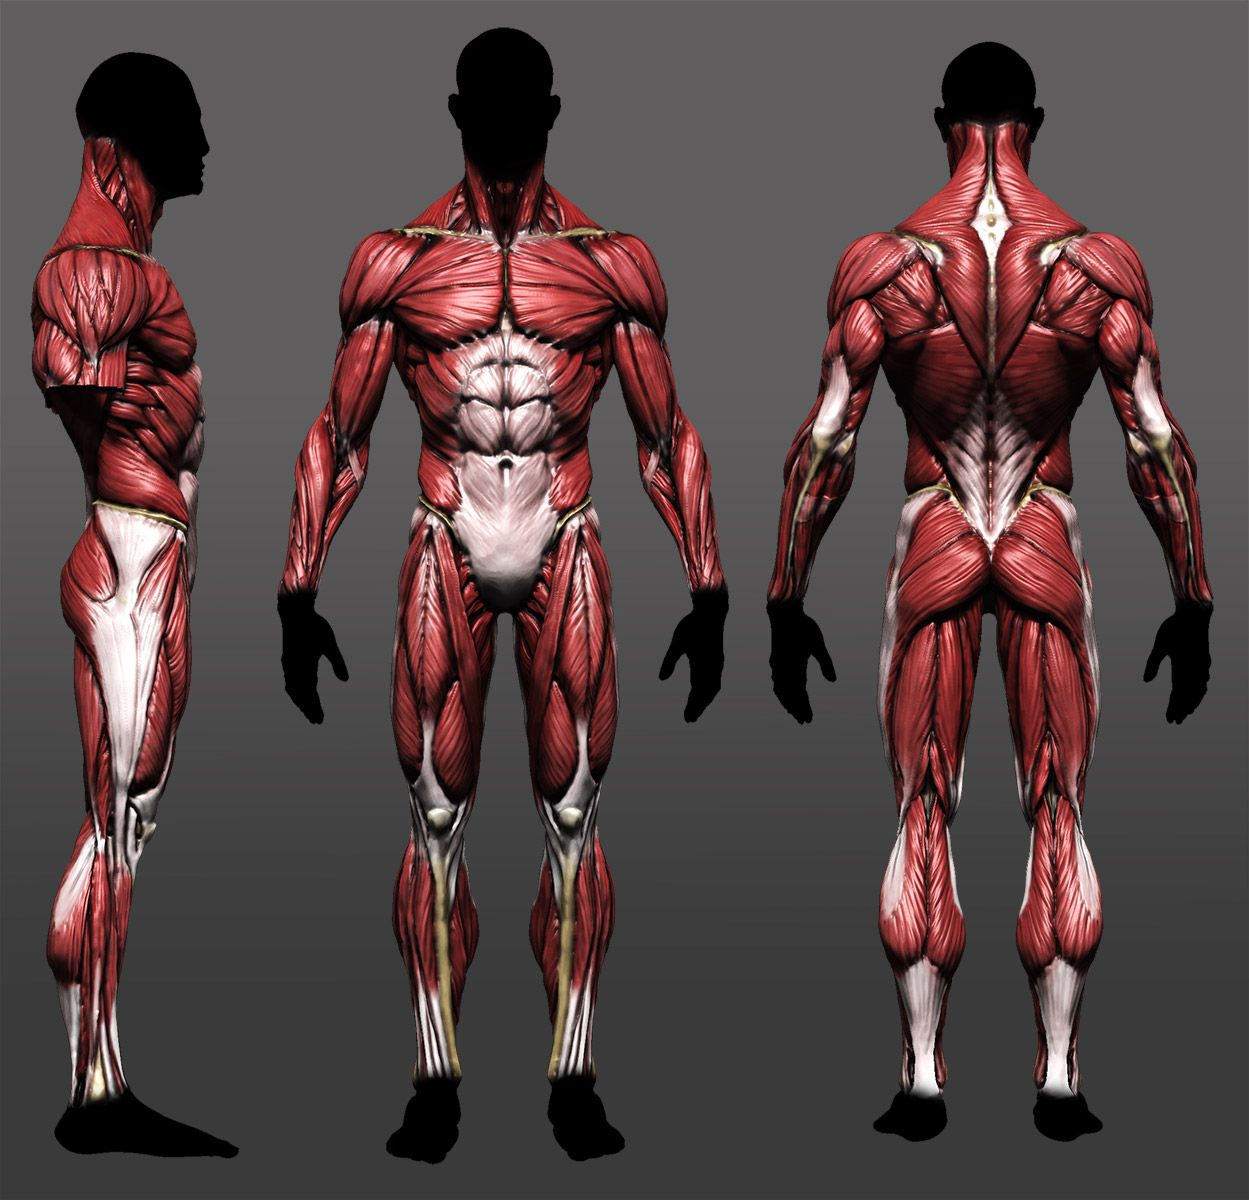 anatomy_study_update_by_mojette-d2zrjs2.jpg (1249×1200) | Anatomy ...